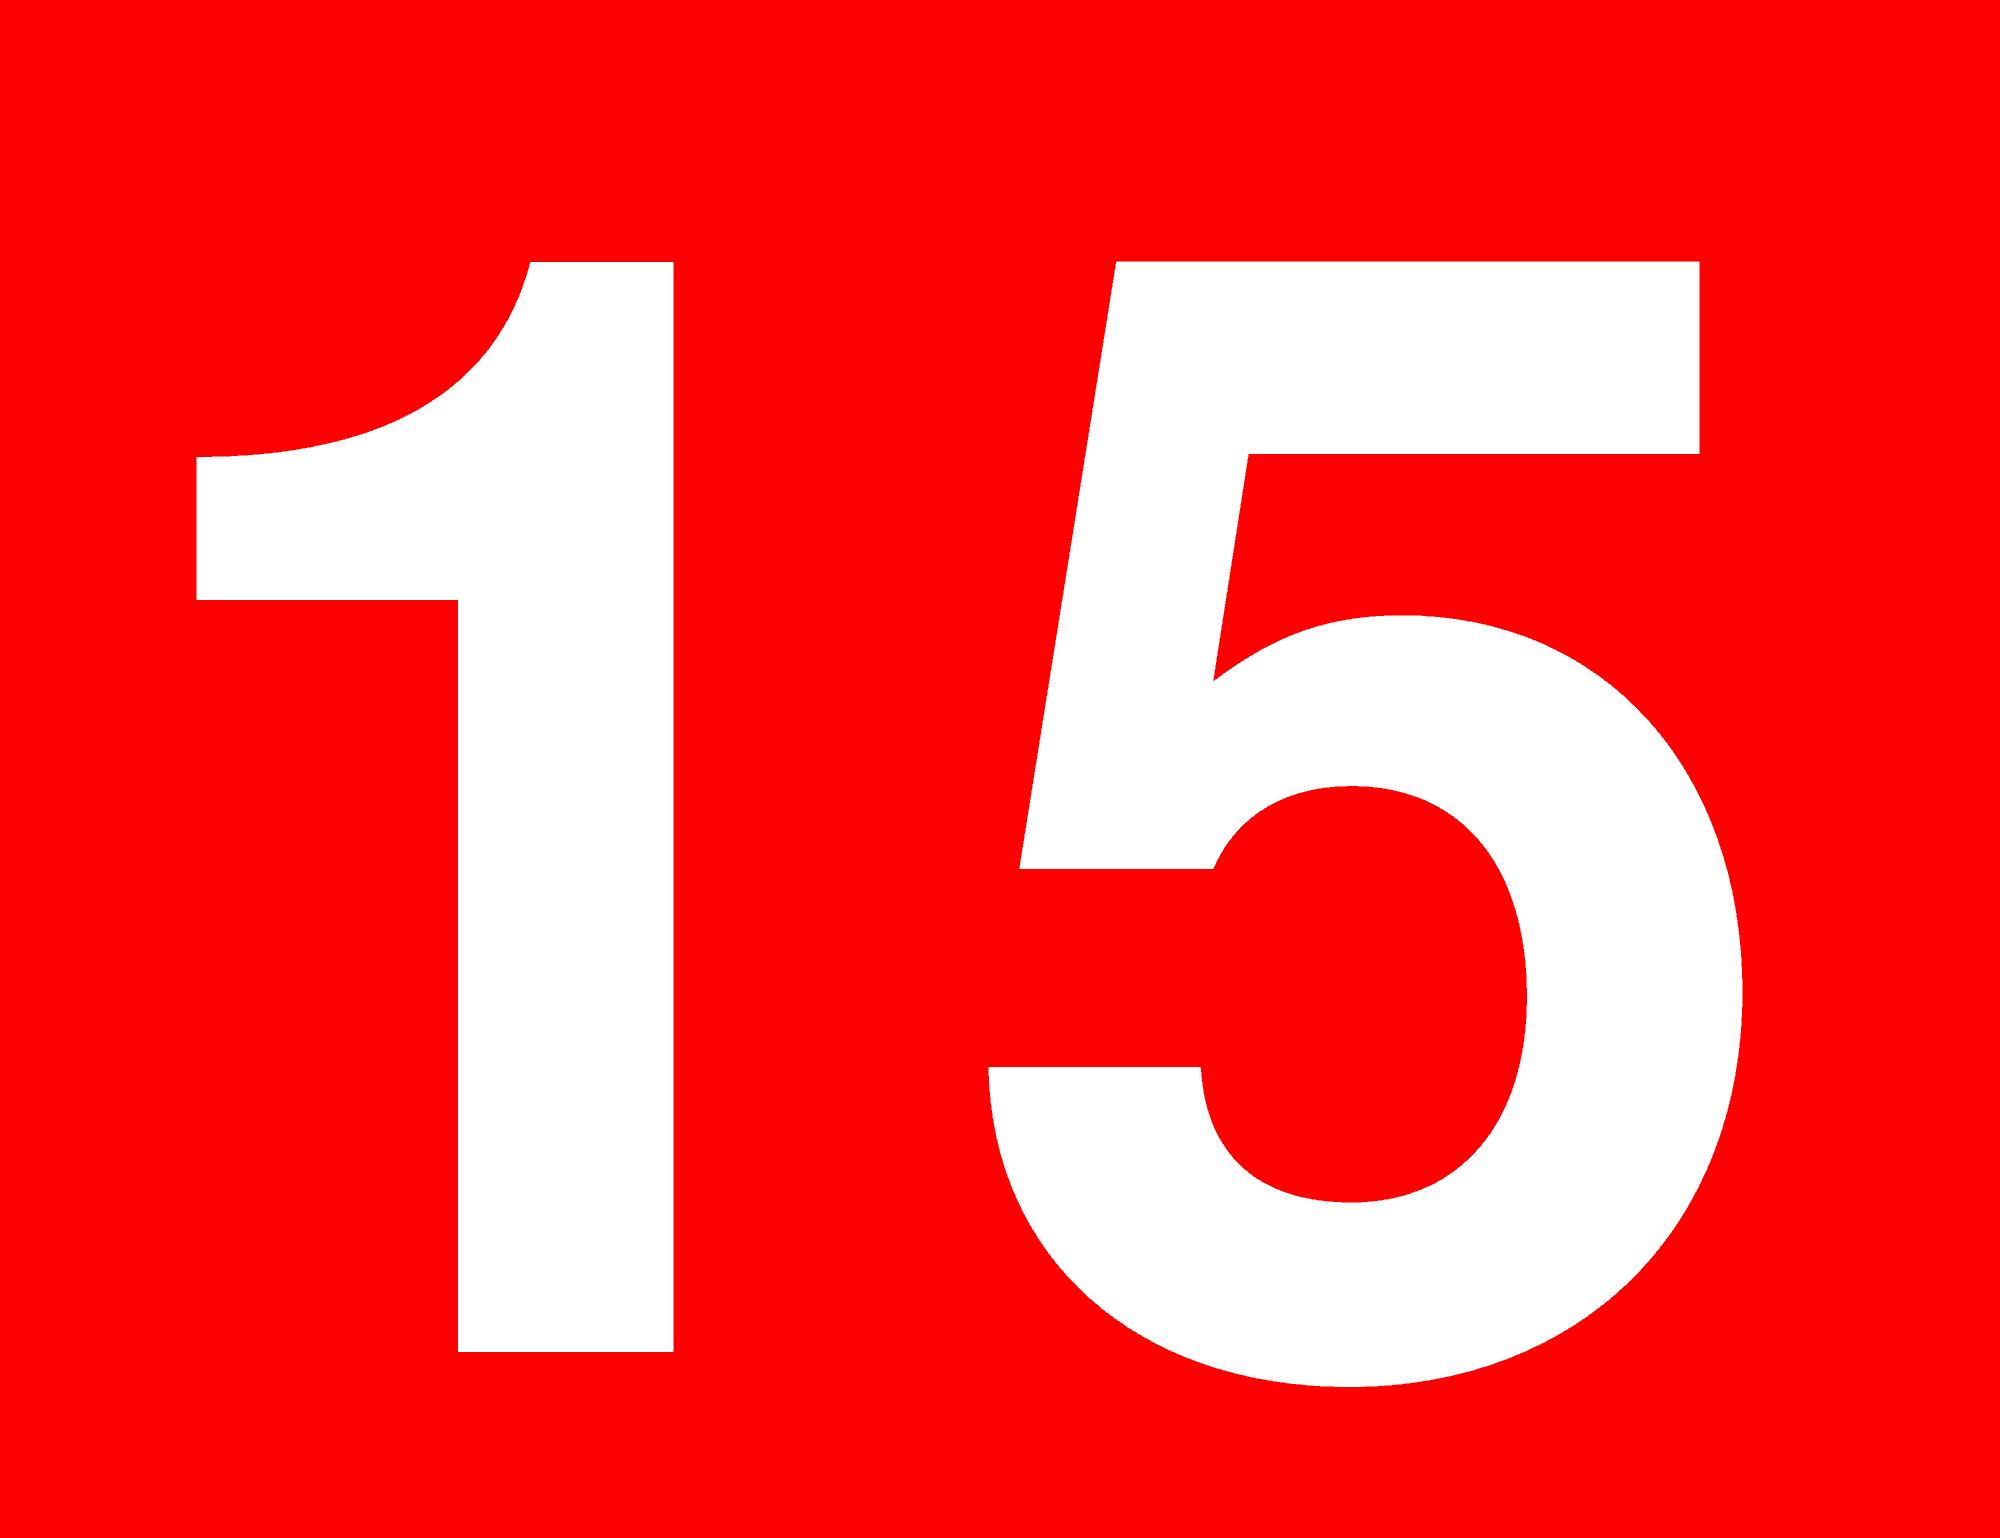 تفسير رقم 15 في المنام لابن سيرين موسوعة